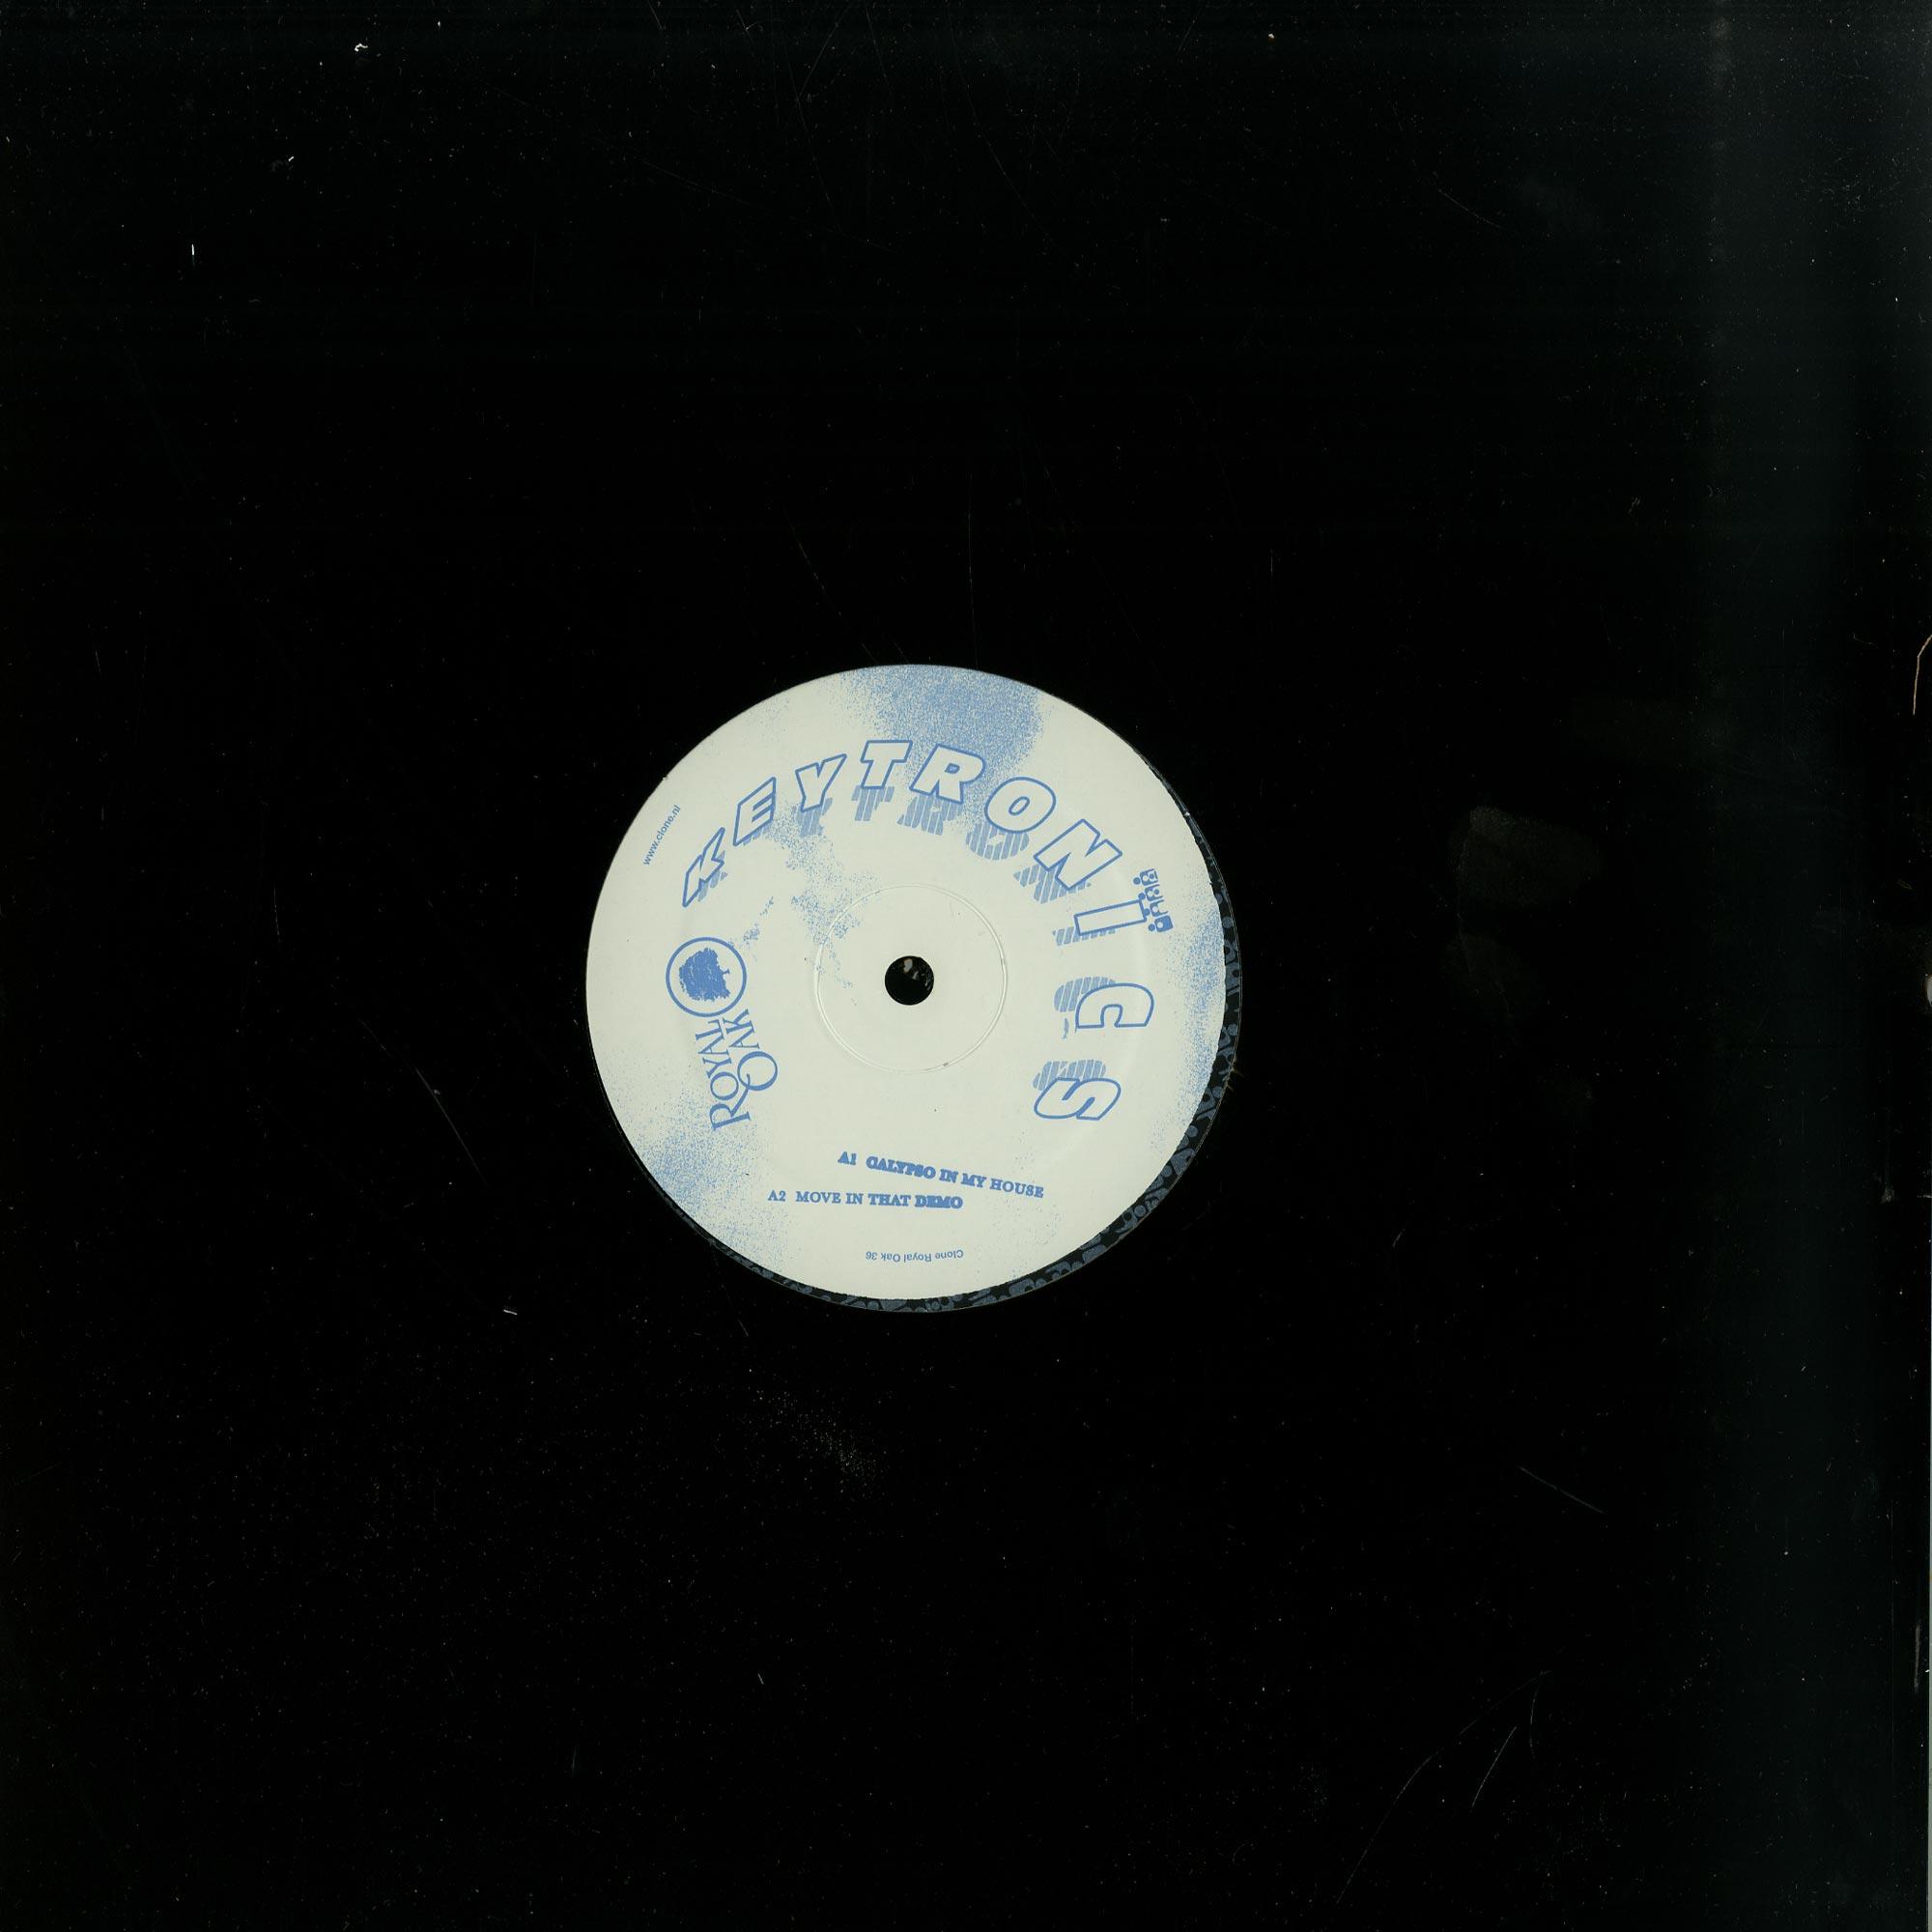 Keytronics - KEYTRONICS ENSEMBLE EP